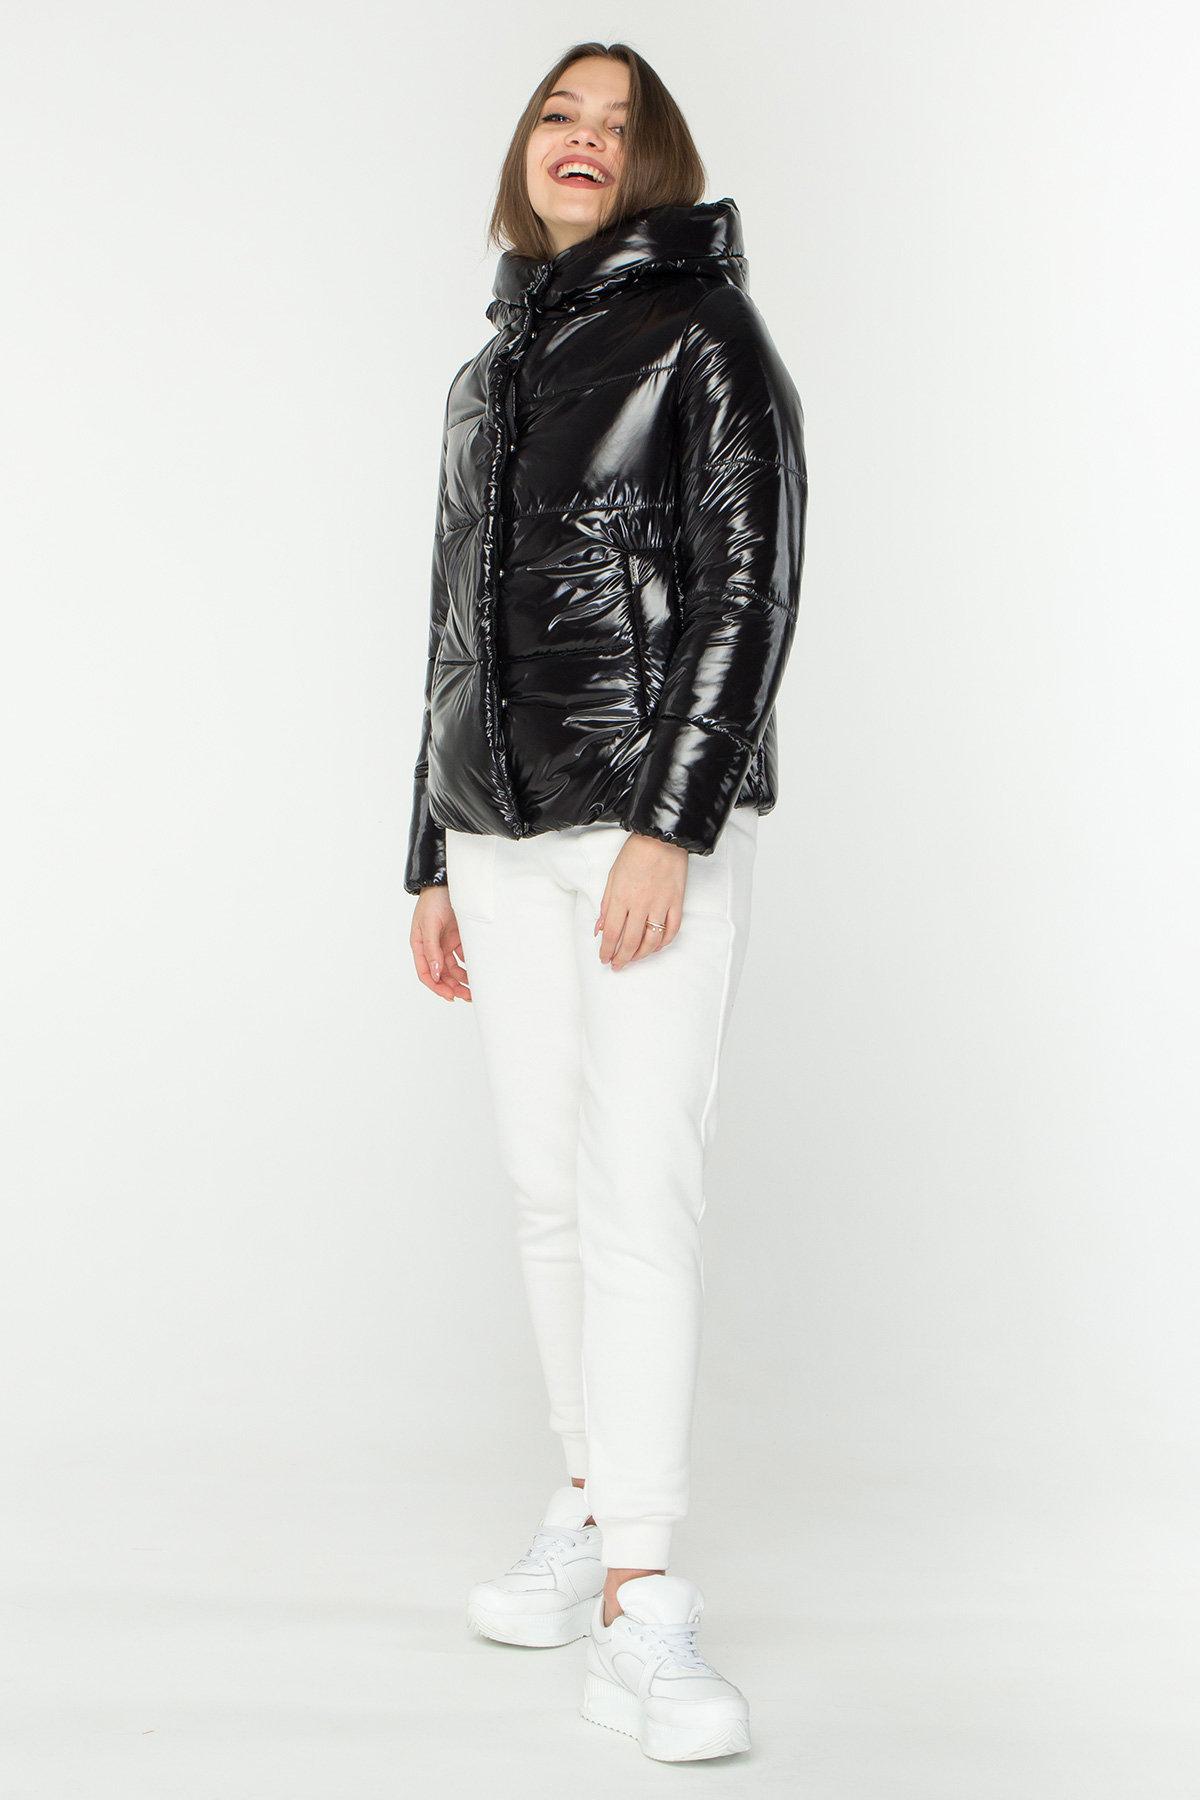 Короткая лаковая куртка Рито 8805 Цвет: Черный